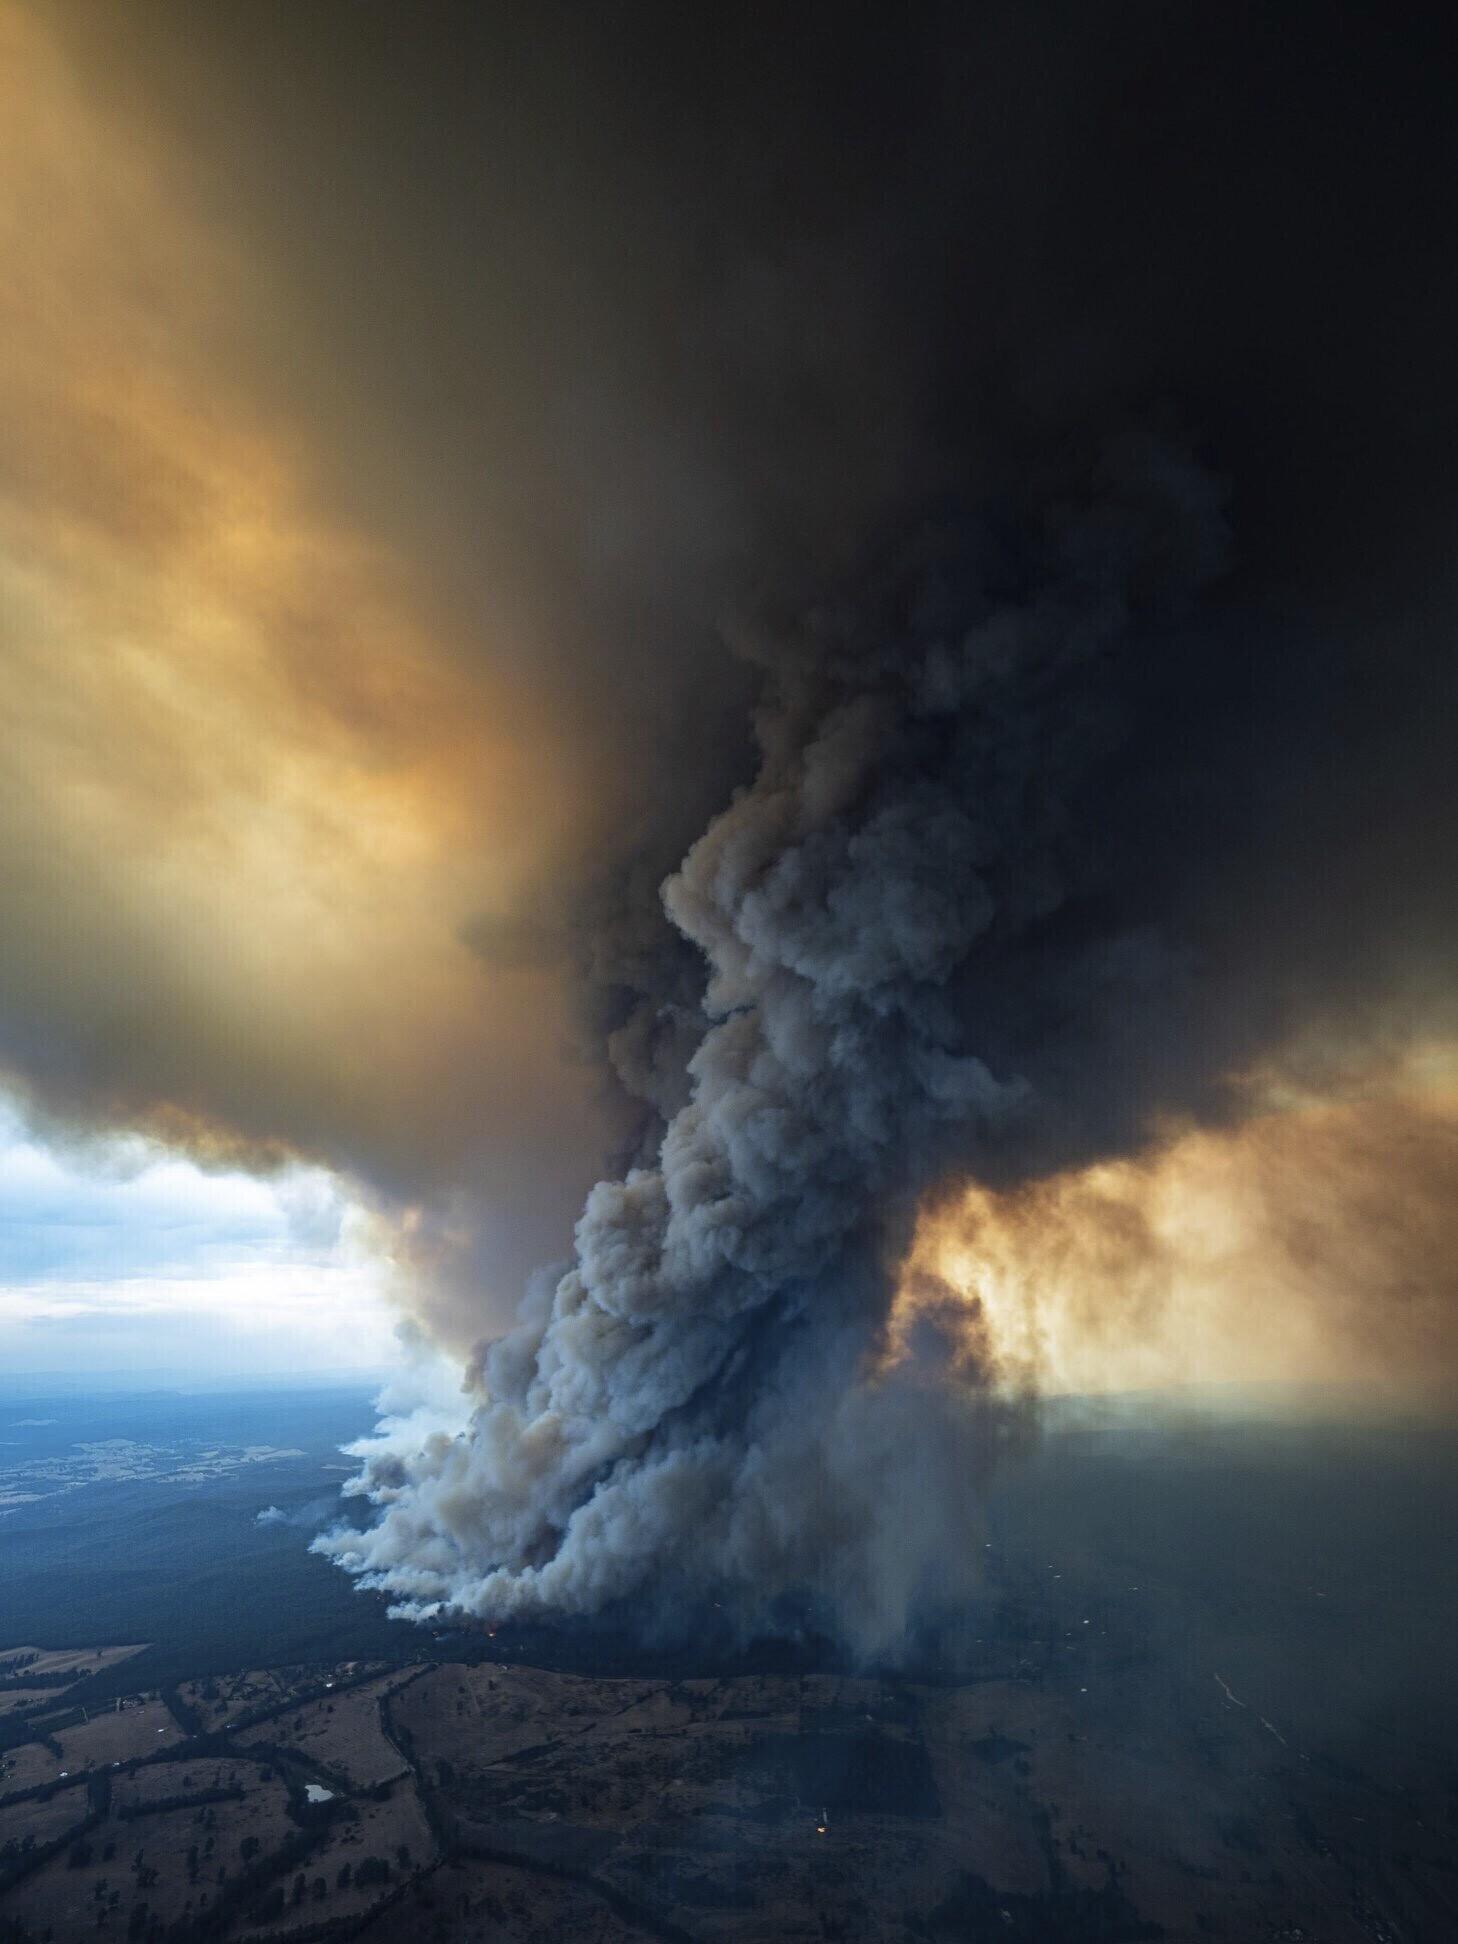 호주 빅토리아 주 이스트 깁스랜드에서 계속되고 있는 산불로 거대한 연기 기둥이 만들어져 하늘로 솟아오르는 모습이다. 시드니AP/연합